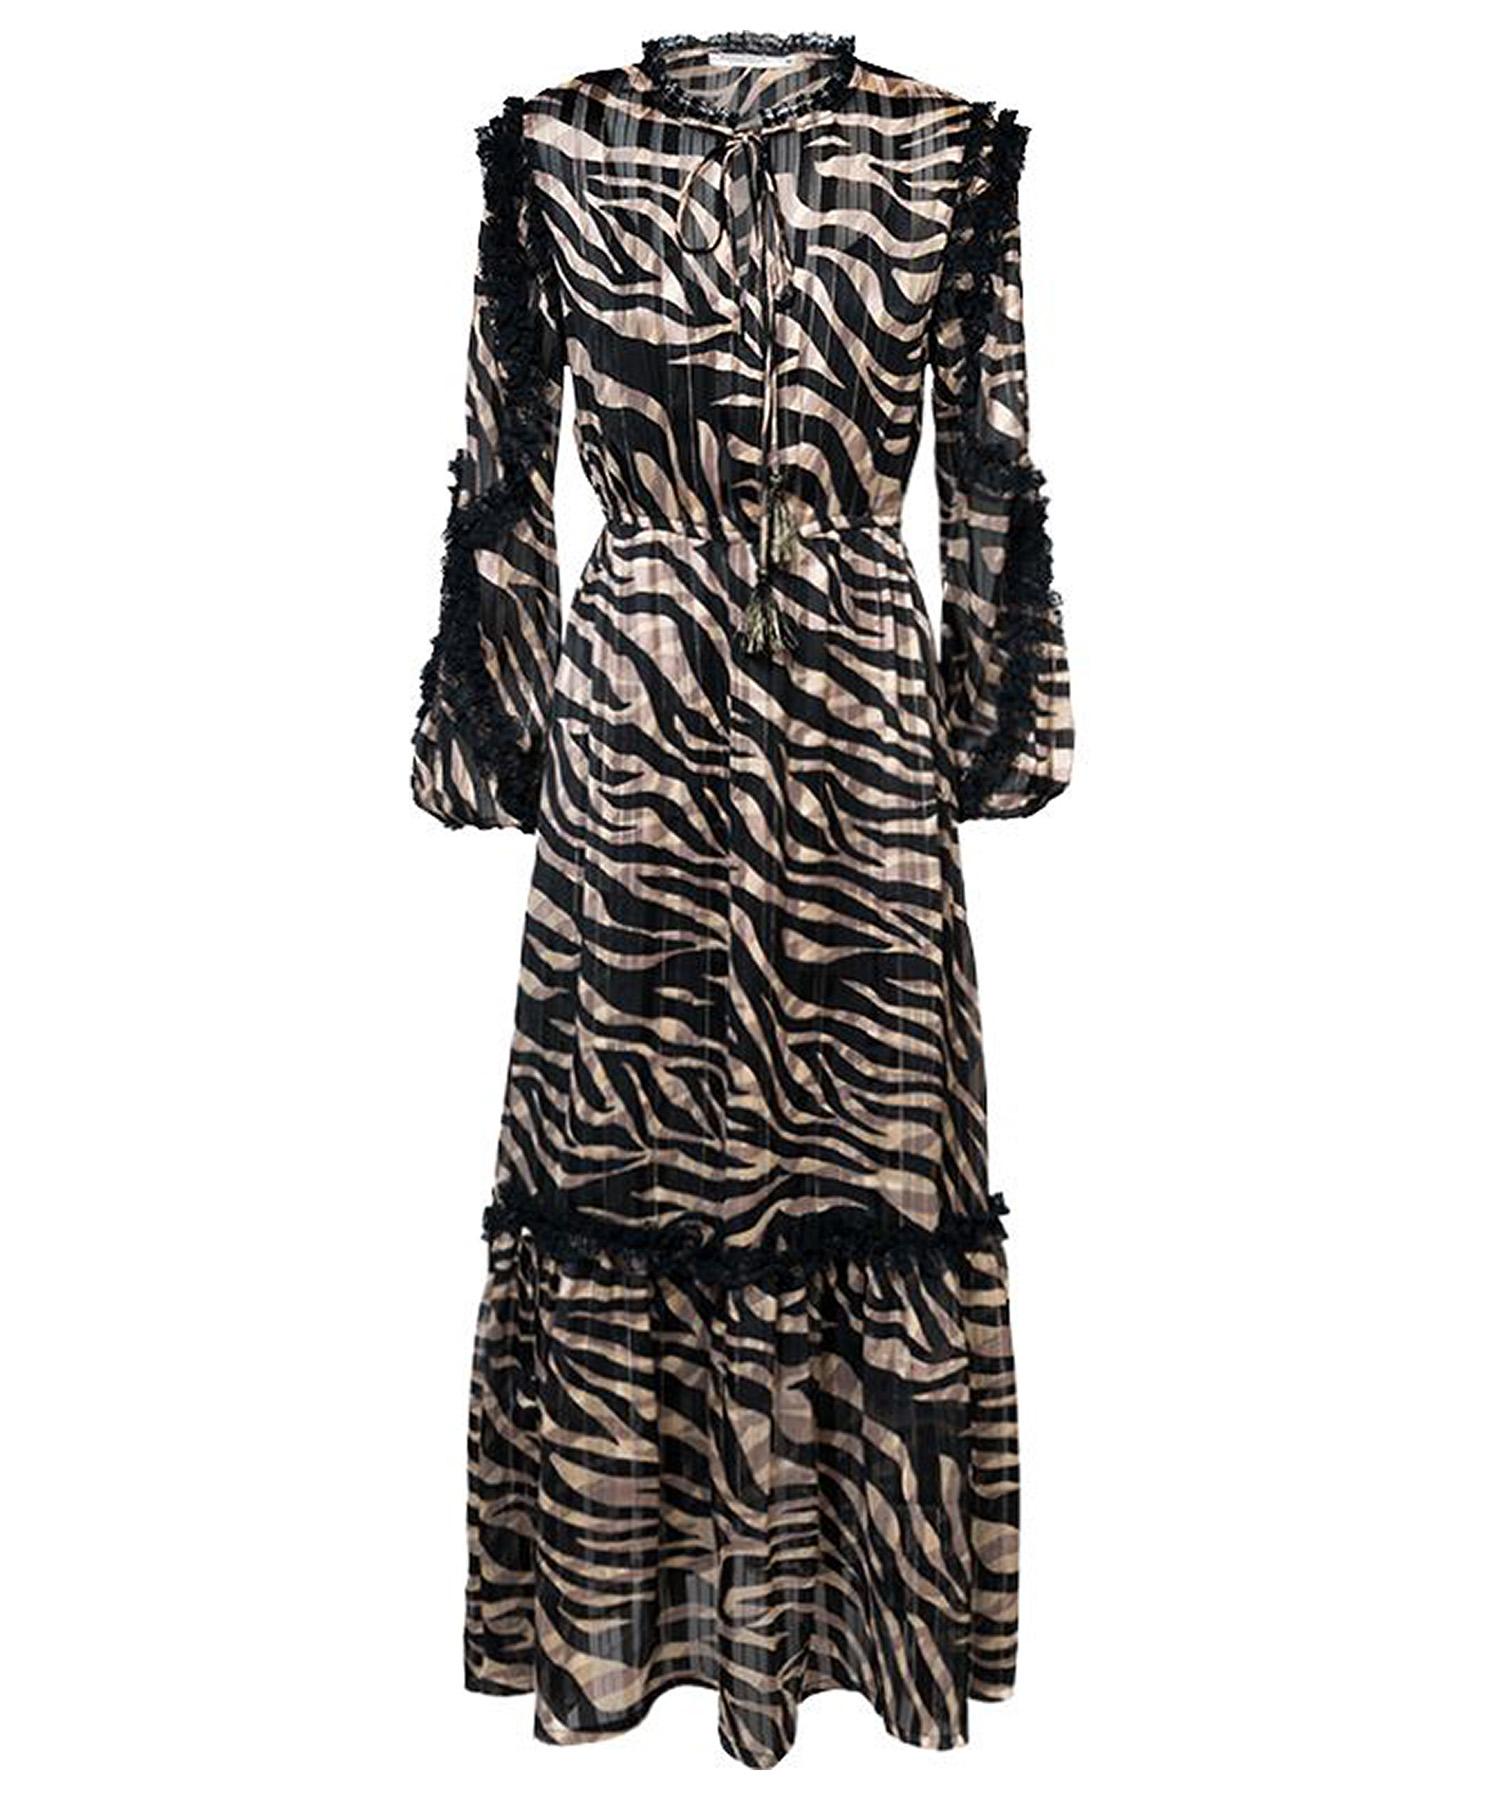 Zwarte geprinte dames maxi jurk - Summum Woman - 5s1230-11348 - 990 black